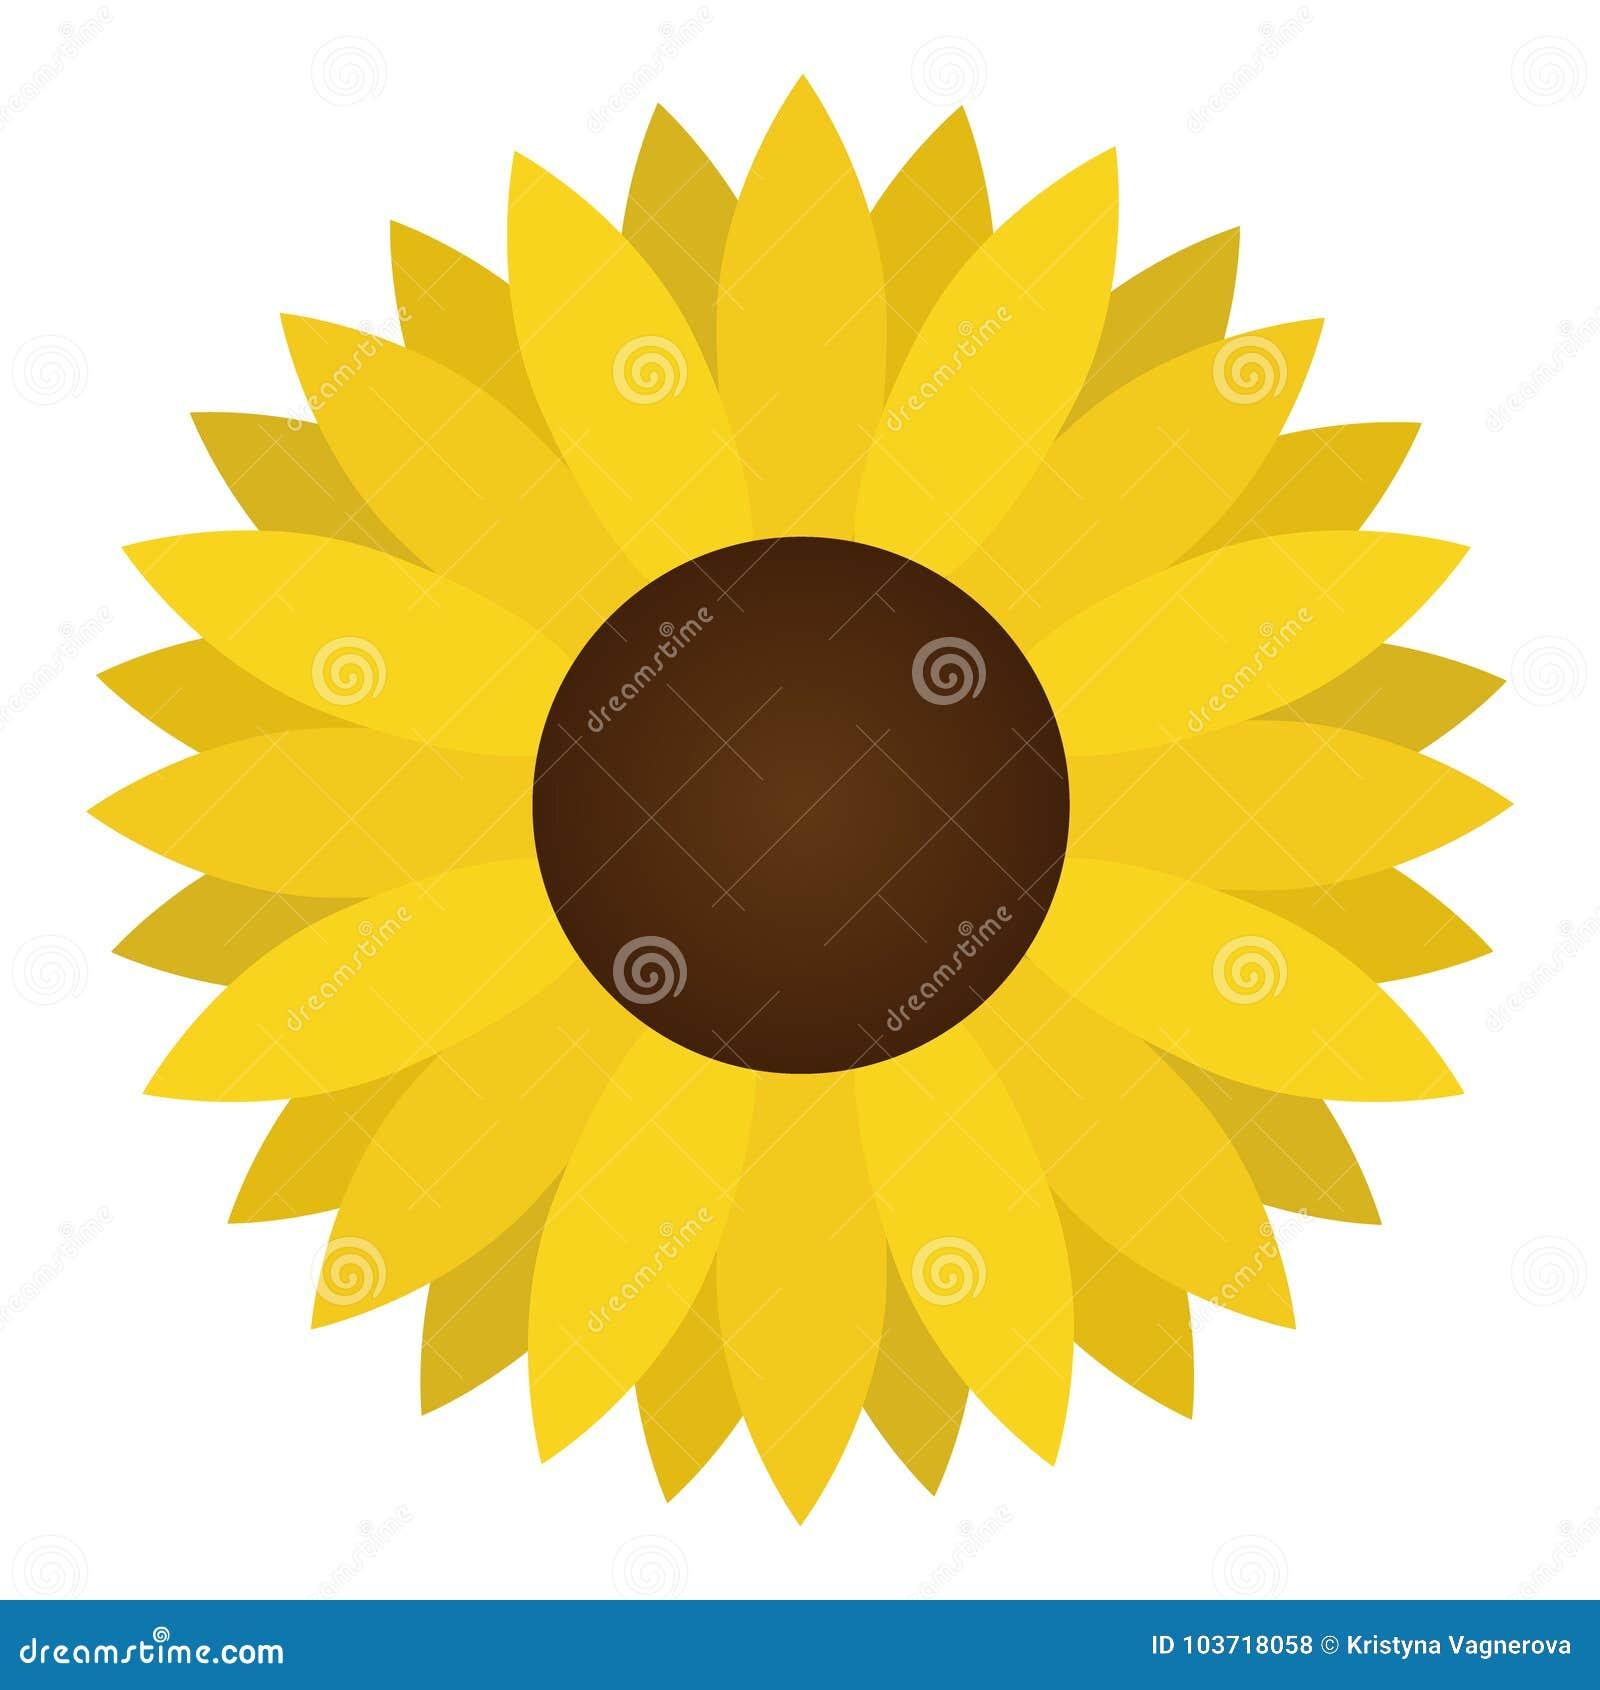 Sunflower Yellow Flower Vector Illustration Stock Vector